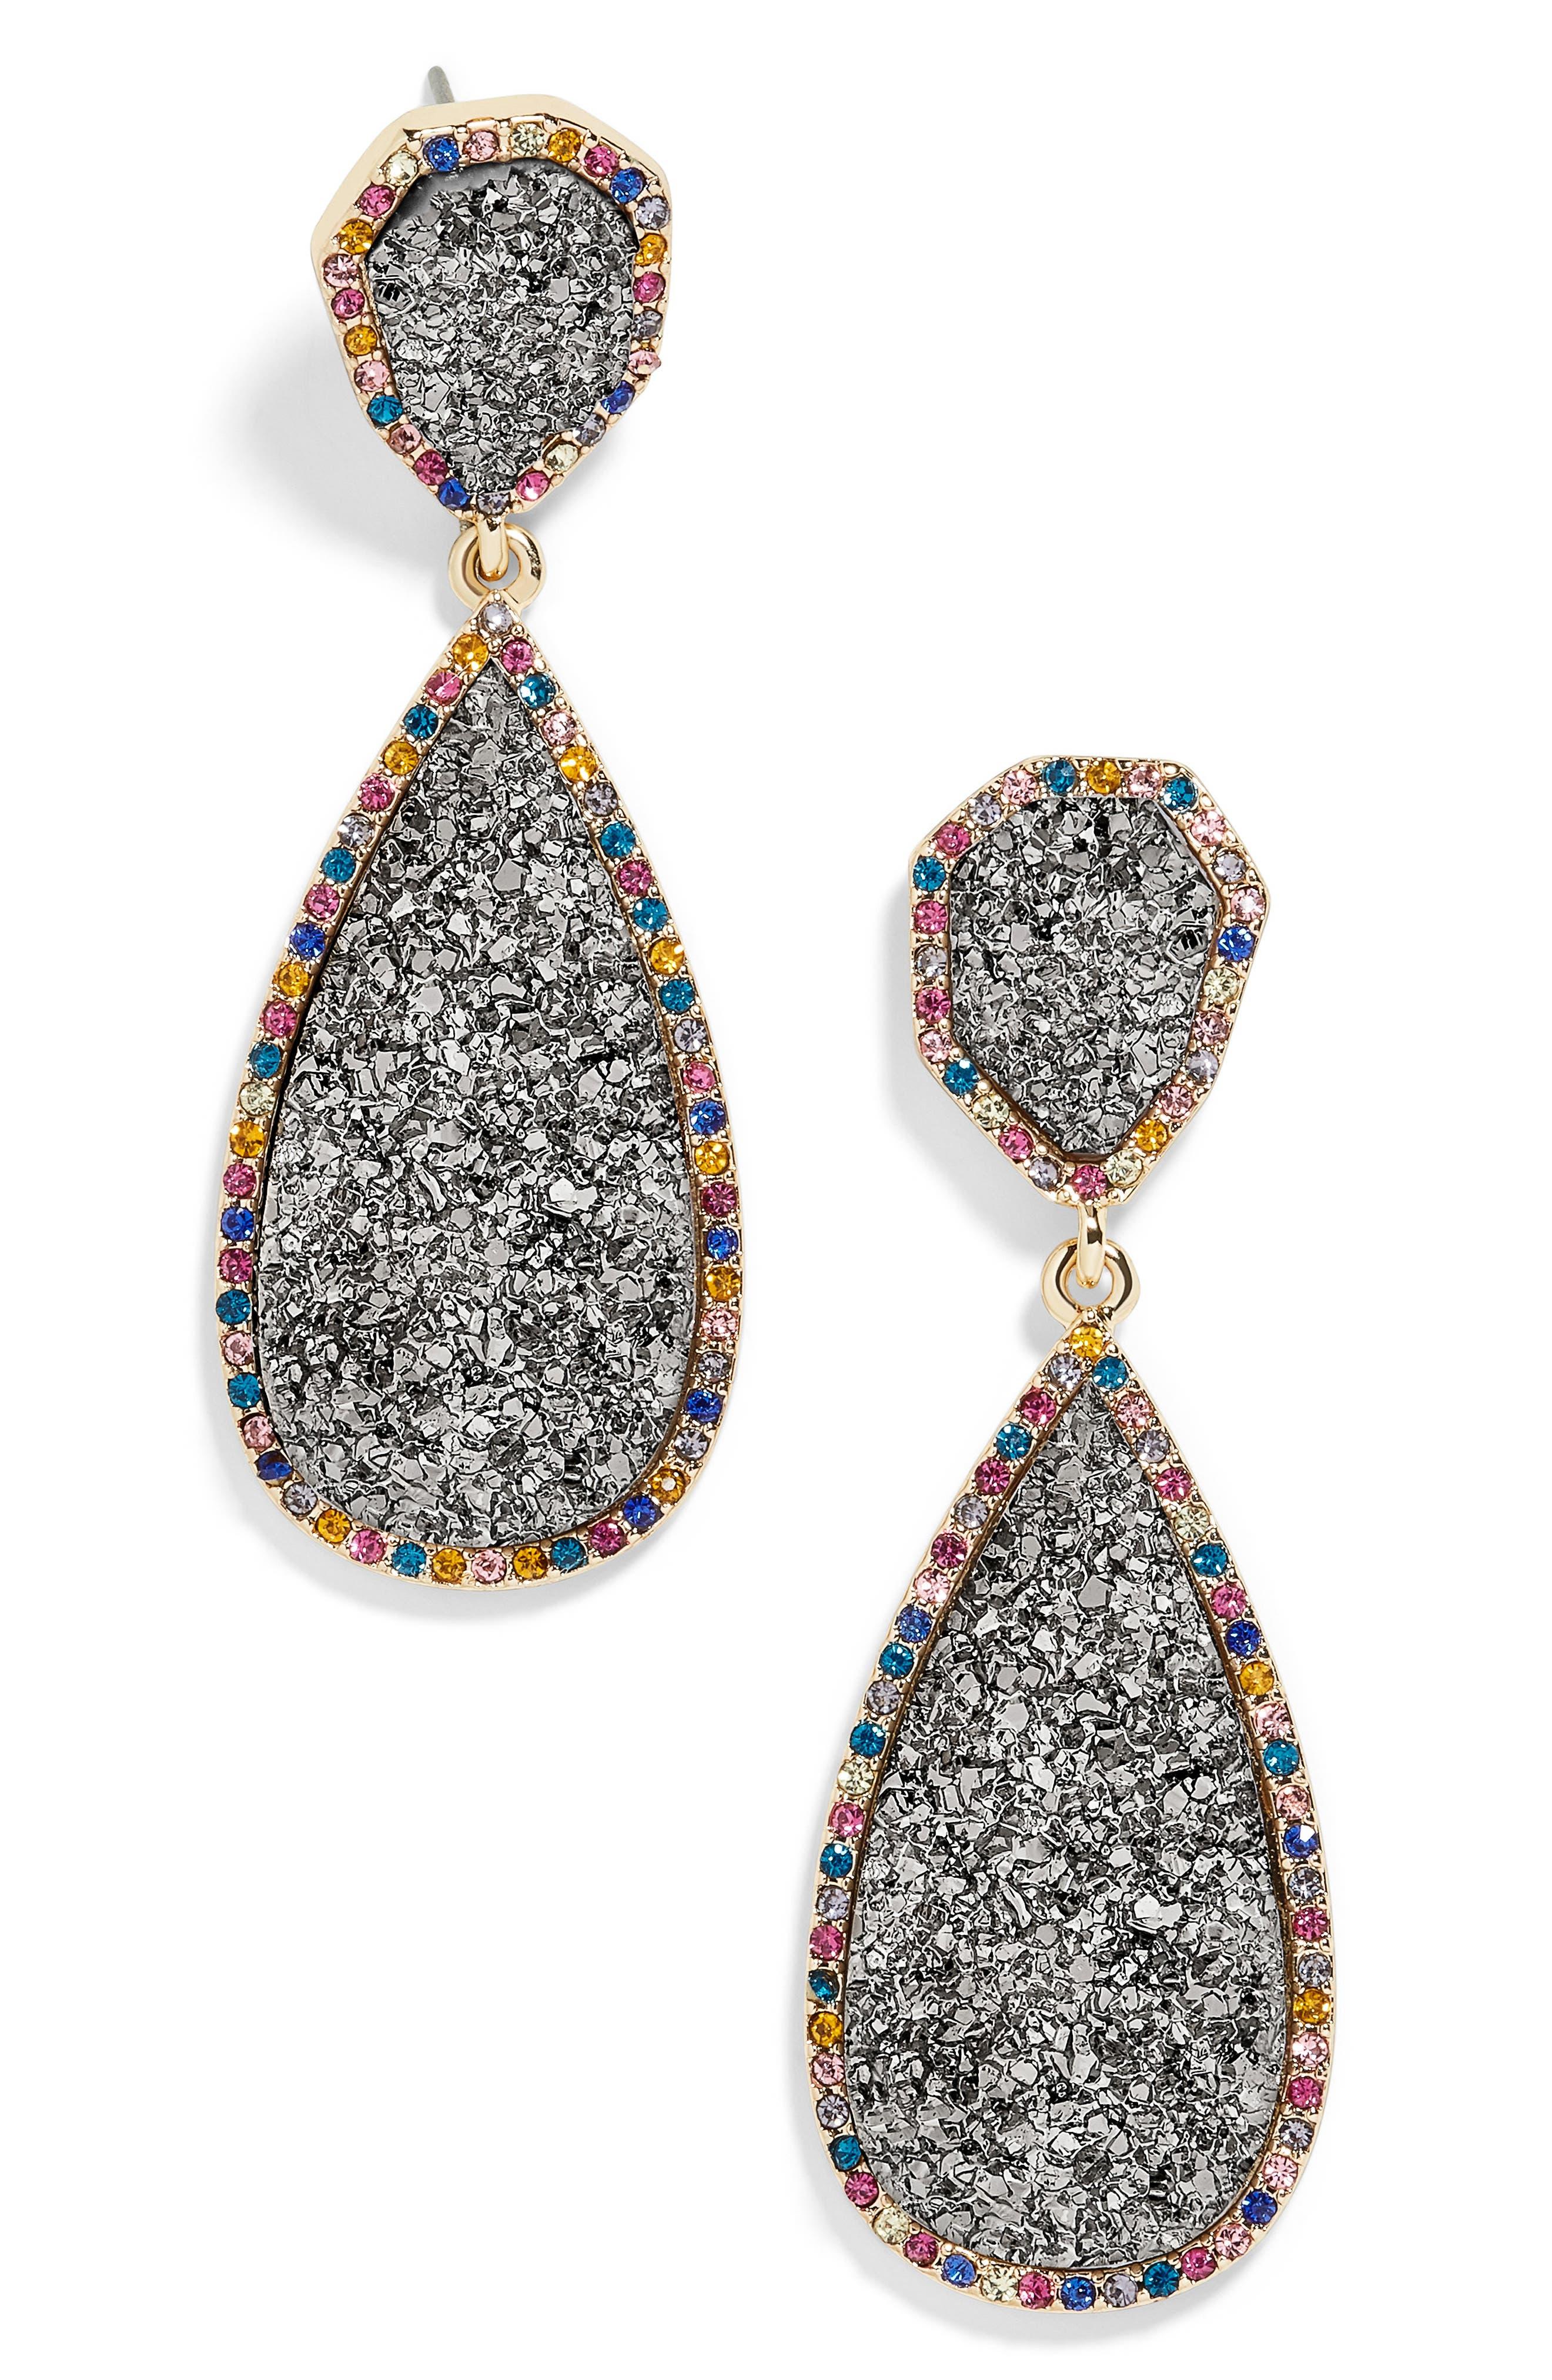 Moonlight Drop Earrings,                             Main thumbnail 1, color,                             MULTI/ GOLD